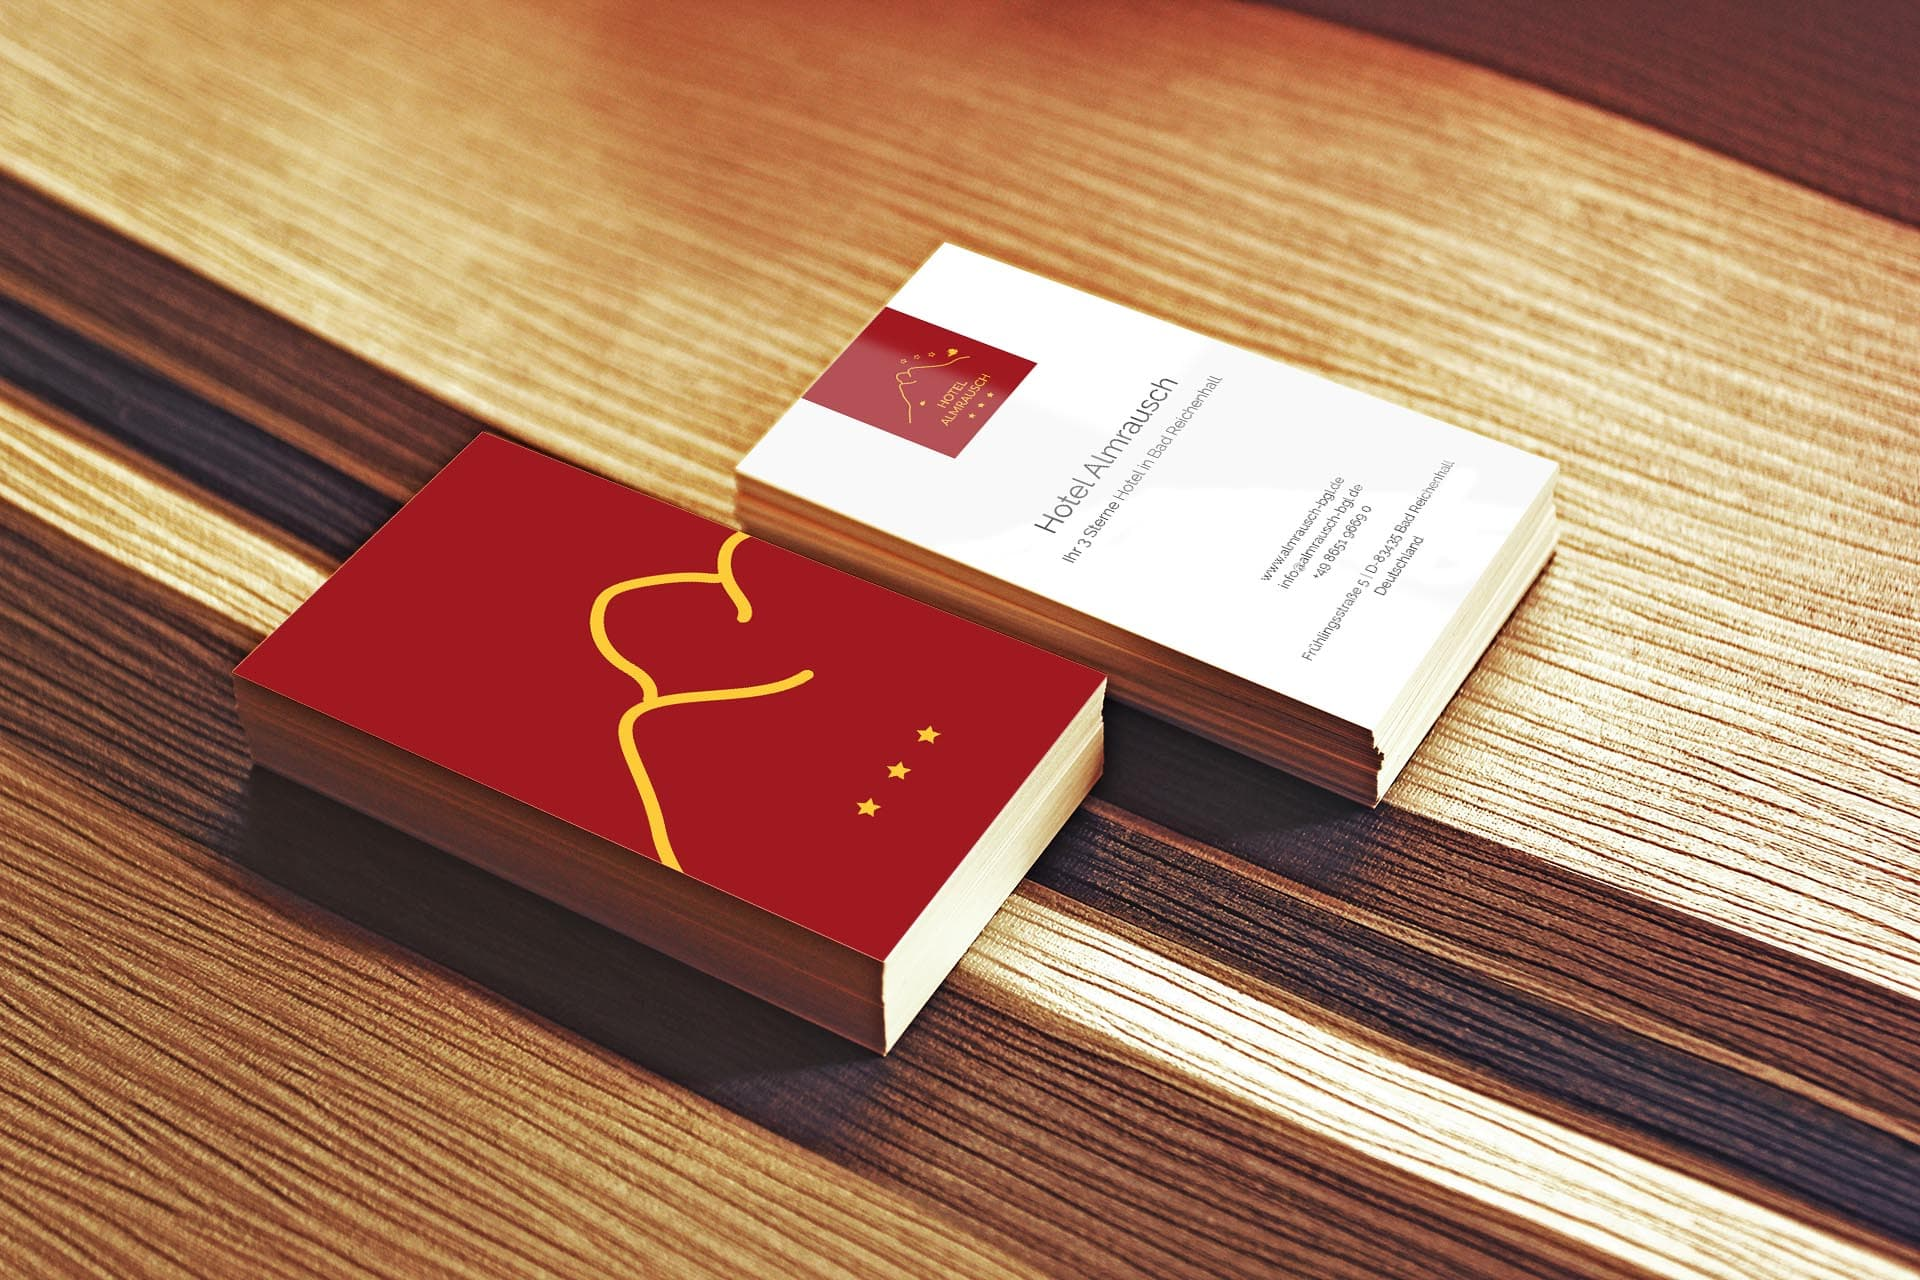 minuteman's Portfolio - Grafikdesign für das Hotel Almrausch in Bad Reichenhall - edle Visitenkarten im kräftigen rot